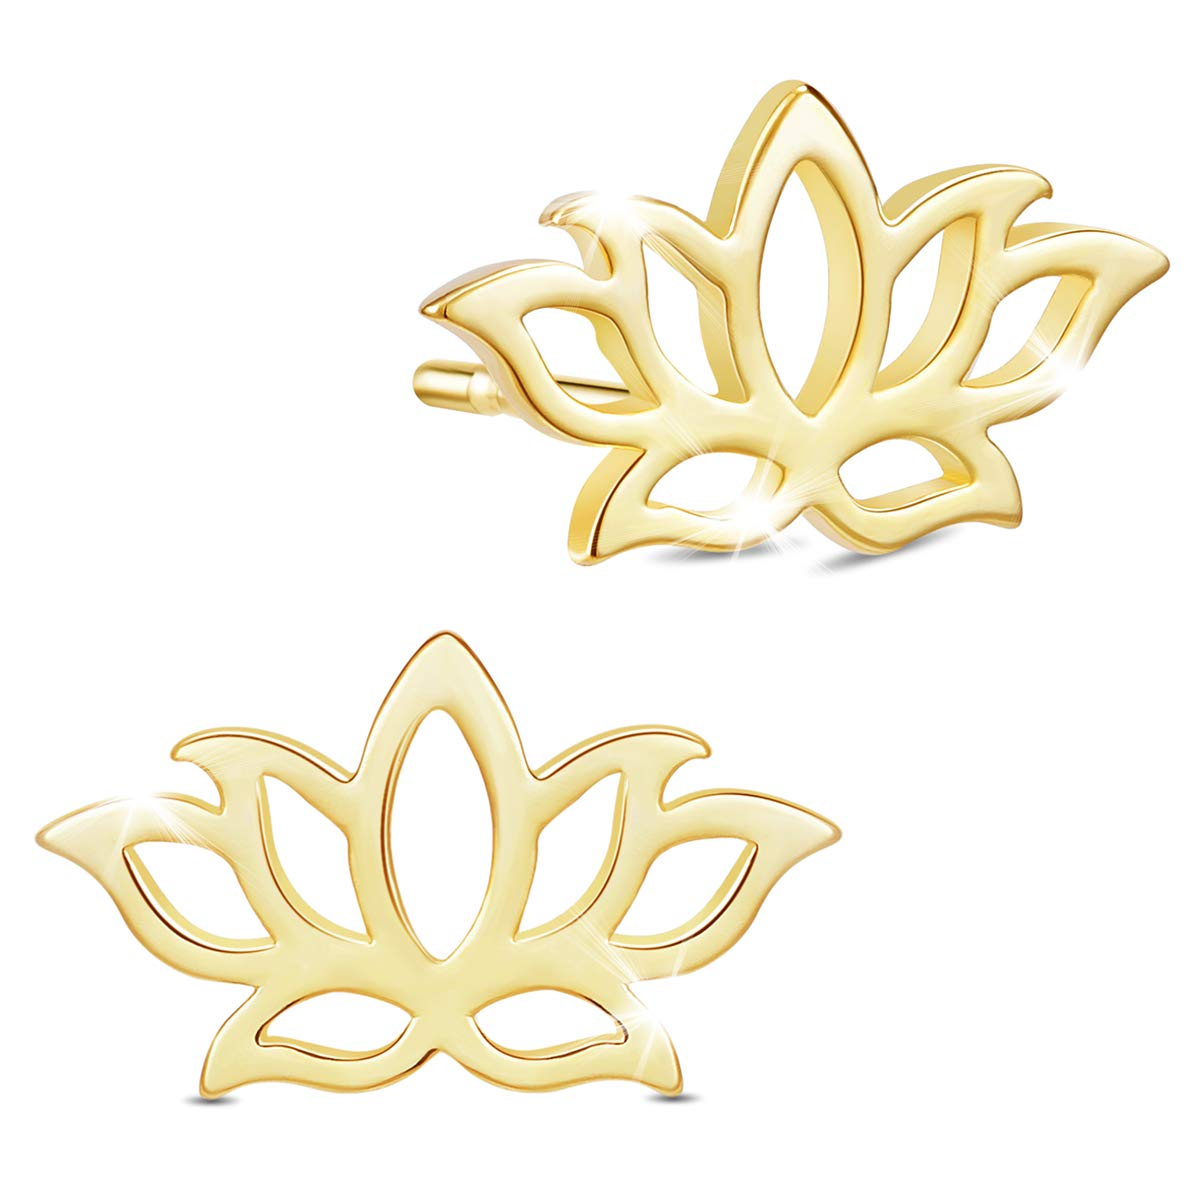 SHEGRACE Lotus Earrings Studs Earrings Jacket For Women 925 Sterling Silver 18K Gold plated Earring